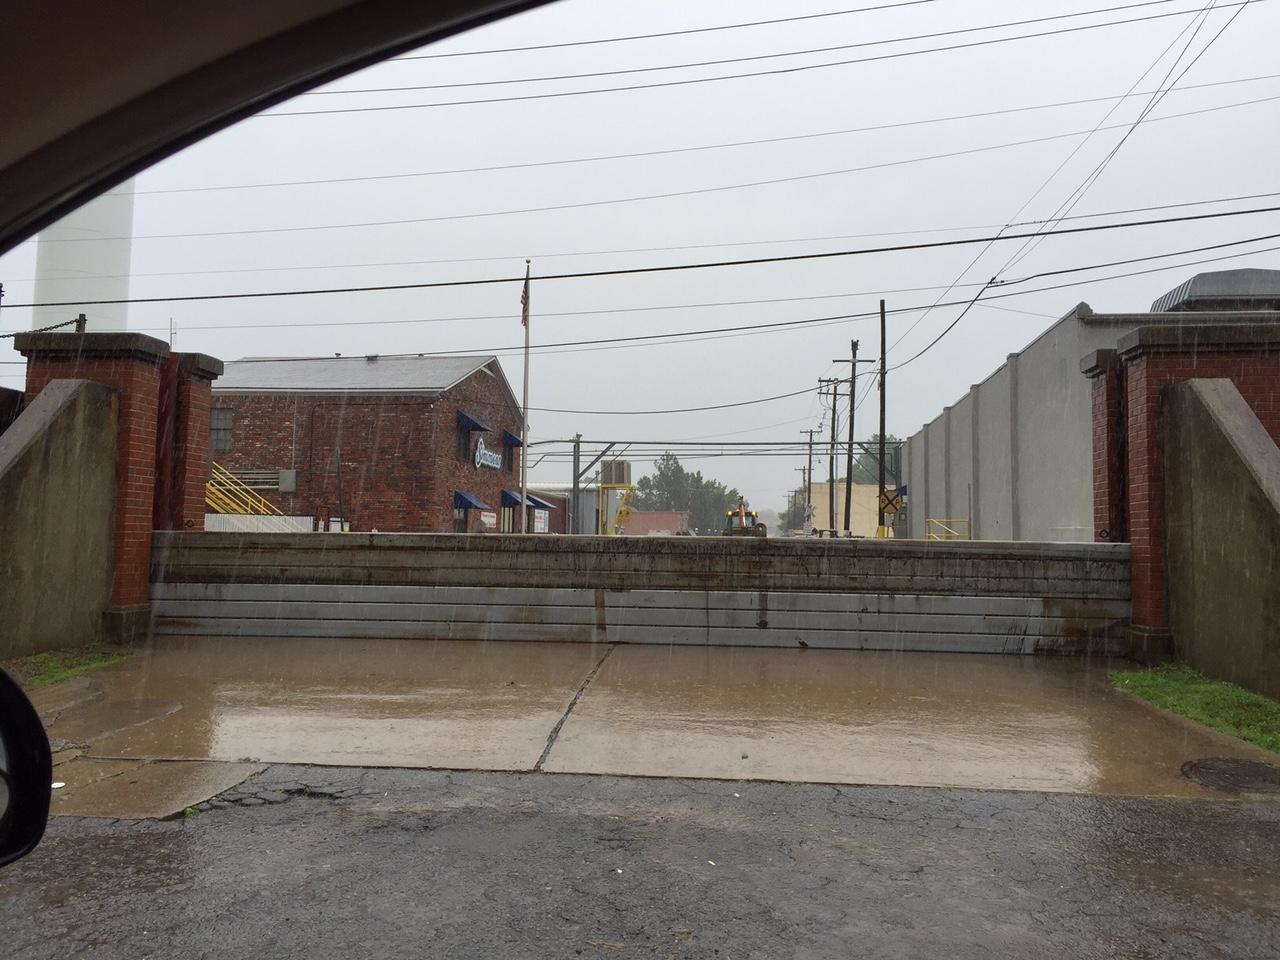 Flood gate in downtown Van Buren